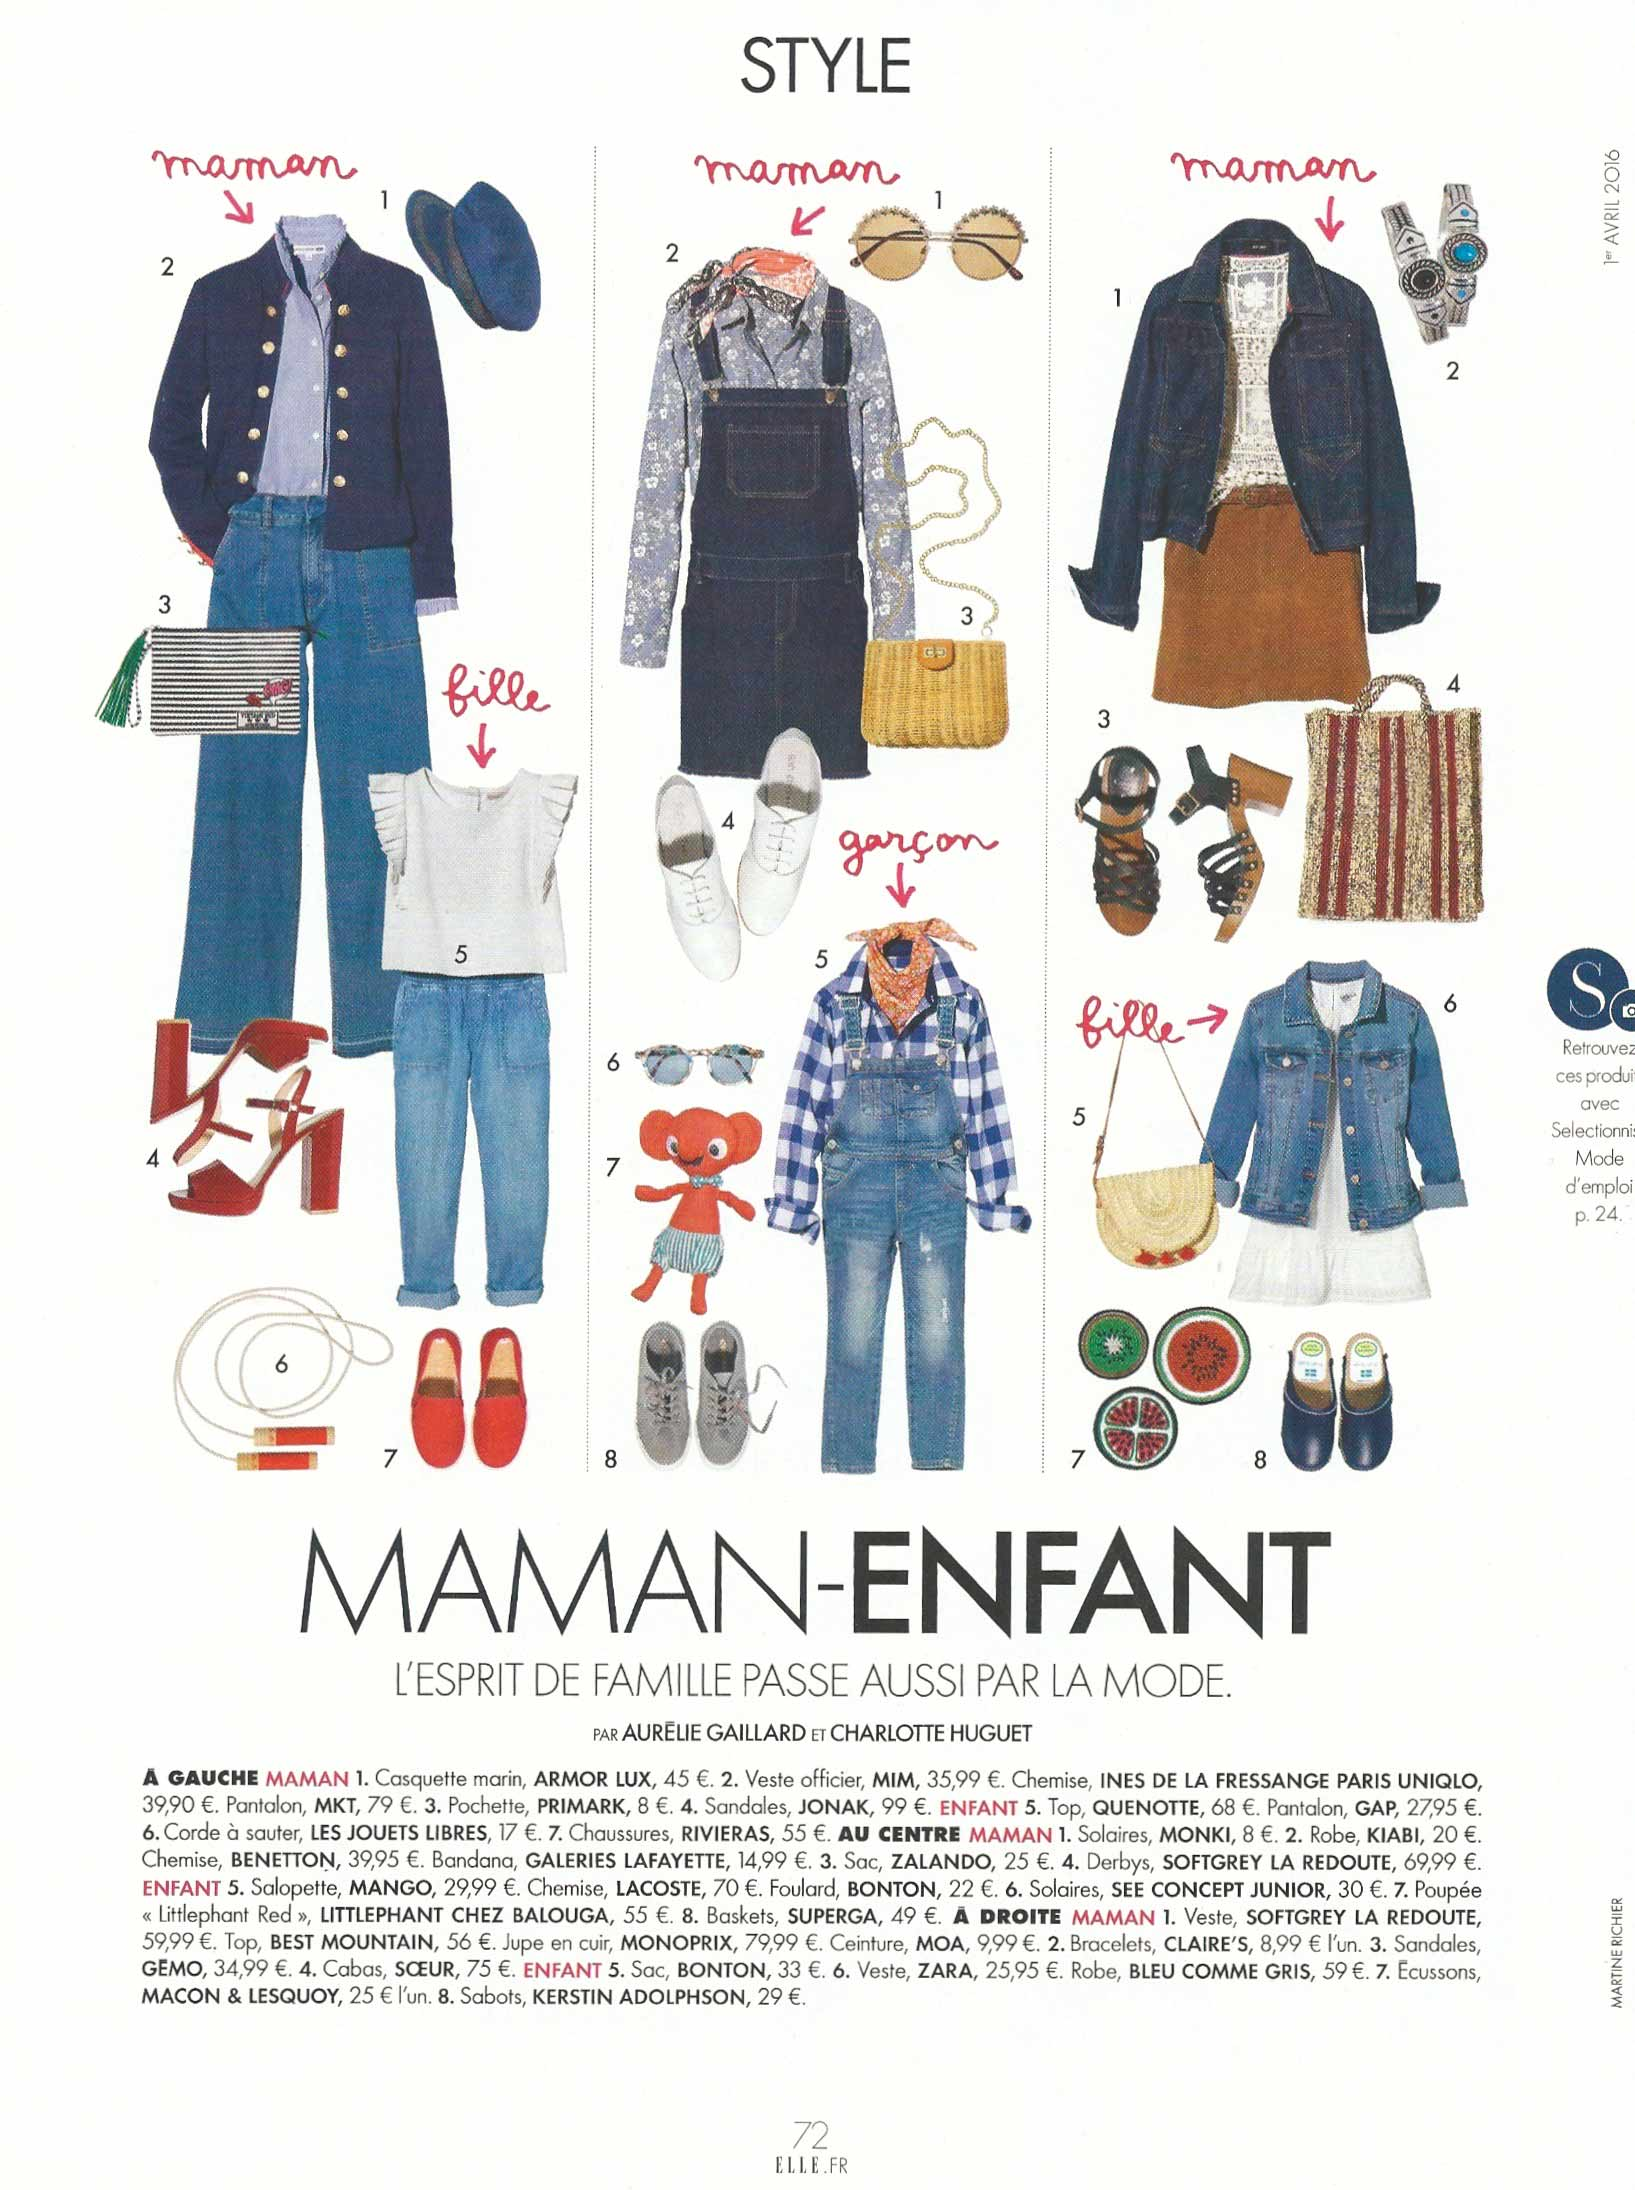 Elle_jeans_web.jpg